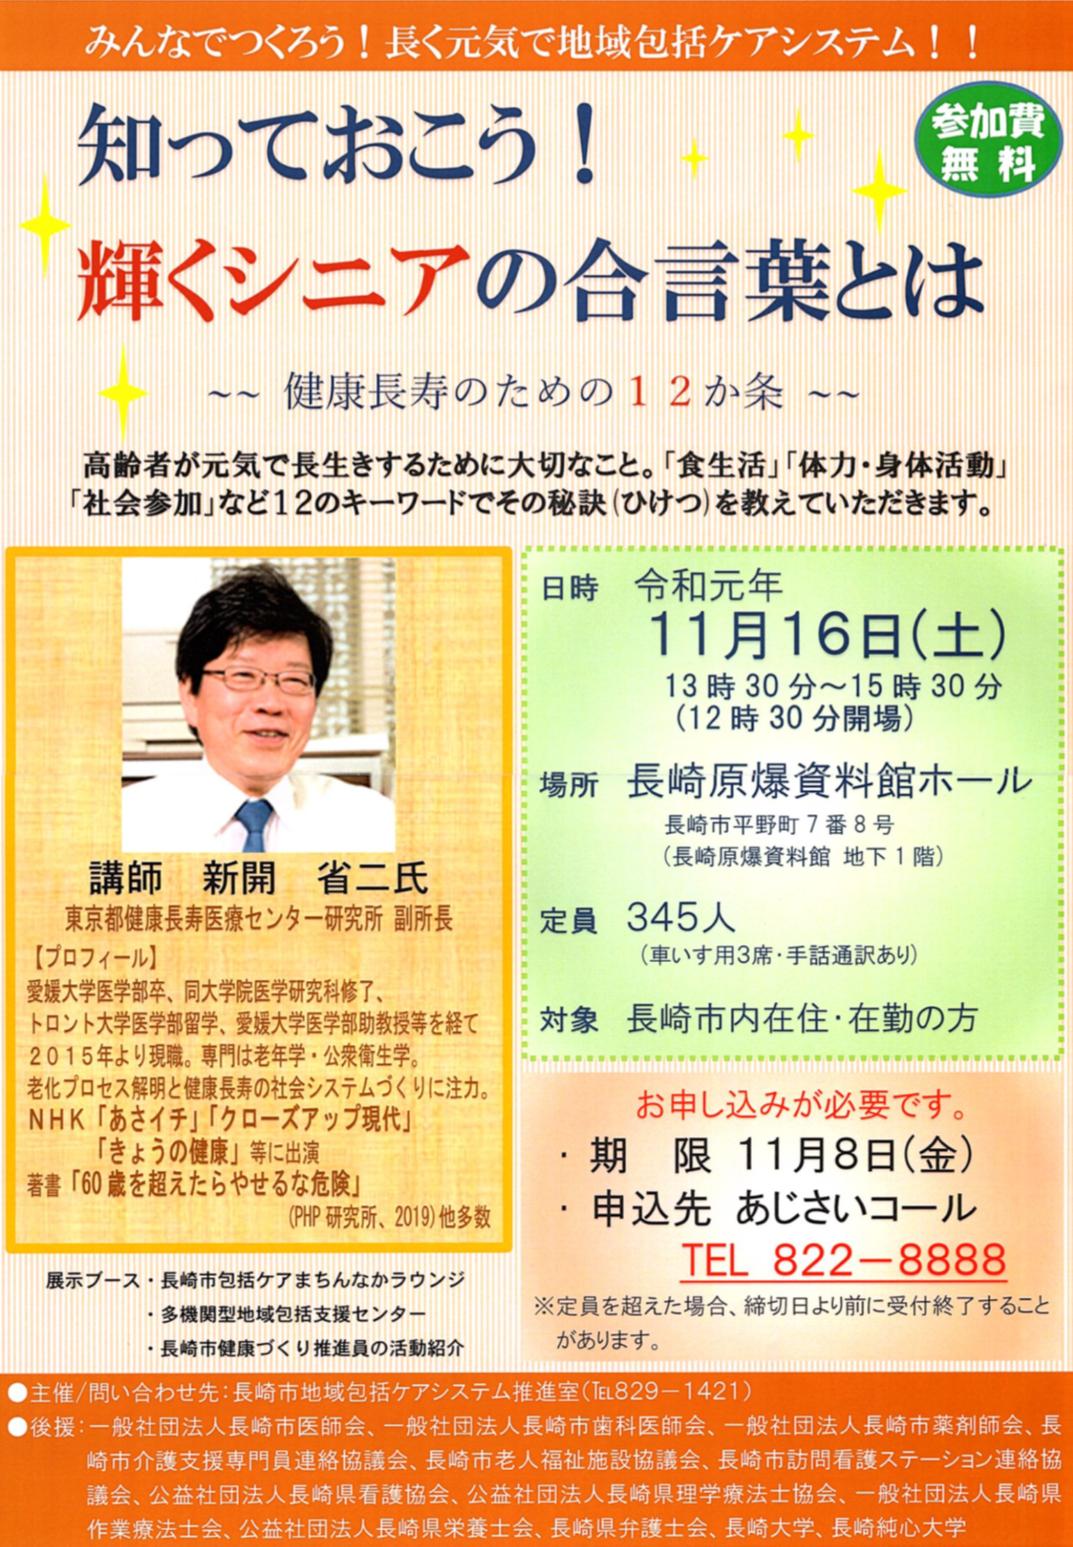 長崎市地域包括ケアシステム推進室主催研修会のお知らせ(本会後援) @ 長崎原爆資料館ホール